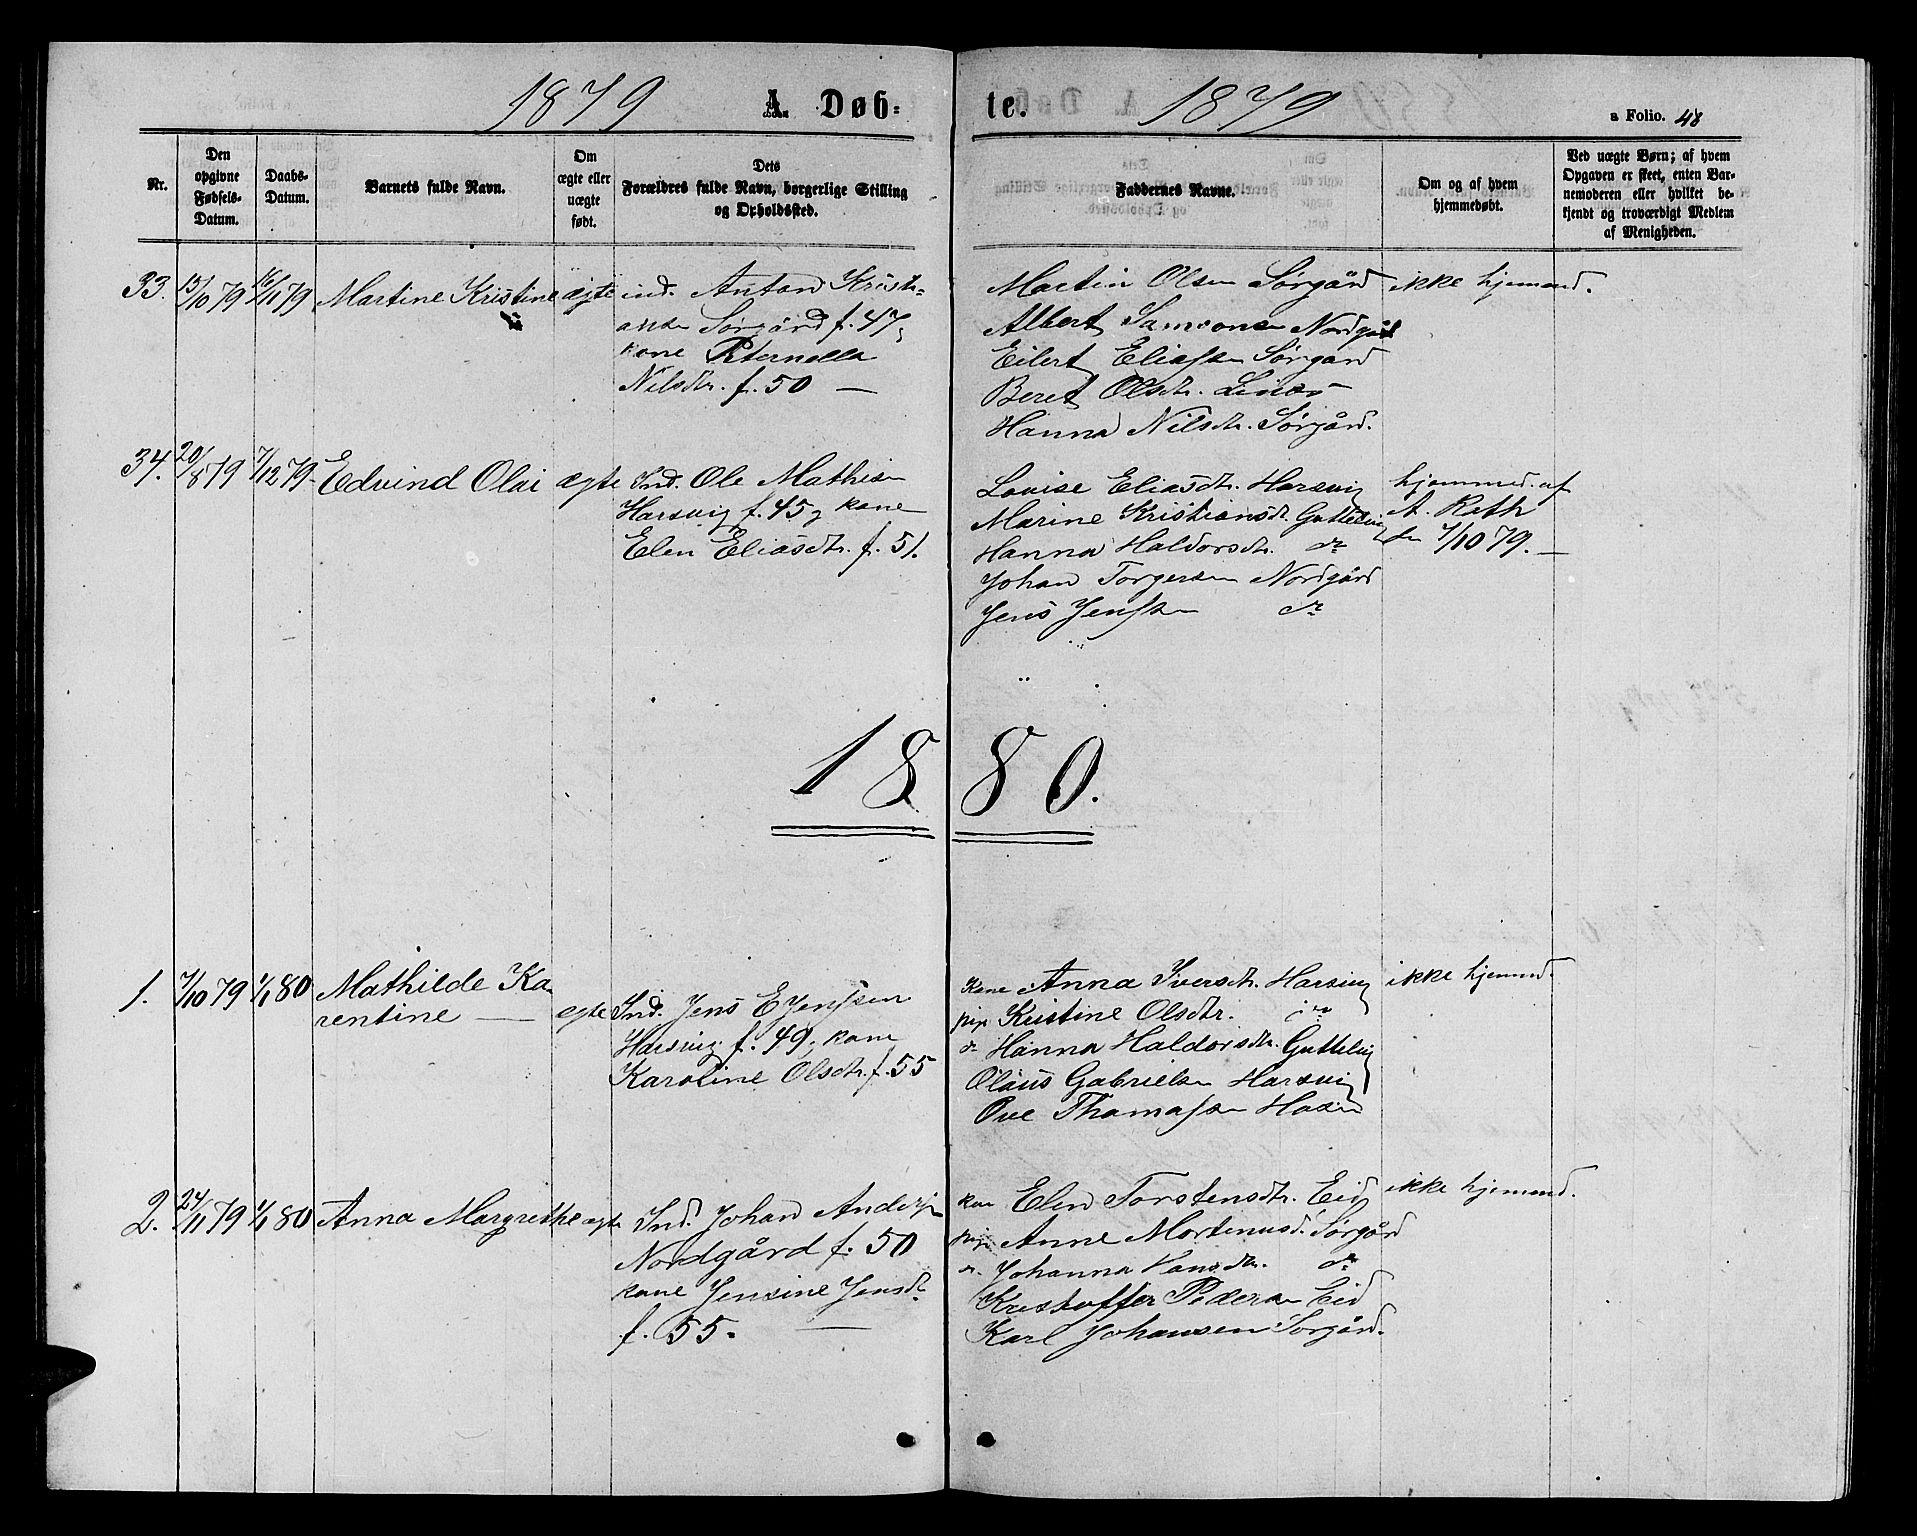 SAT, Ministerialprotokoller, klokkerbøker og fødselsregistre - Sør-Trøndelag, 656/L0695: Klokkerbok nr. 656C01, 1867-1889, s. 48